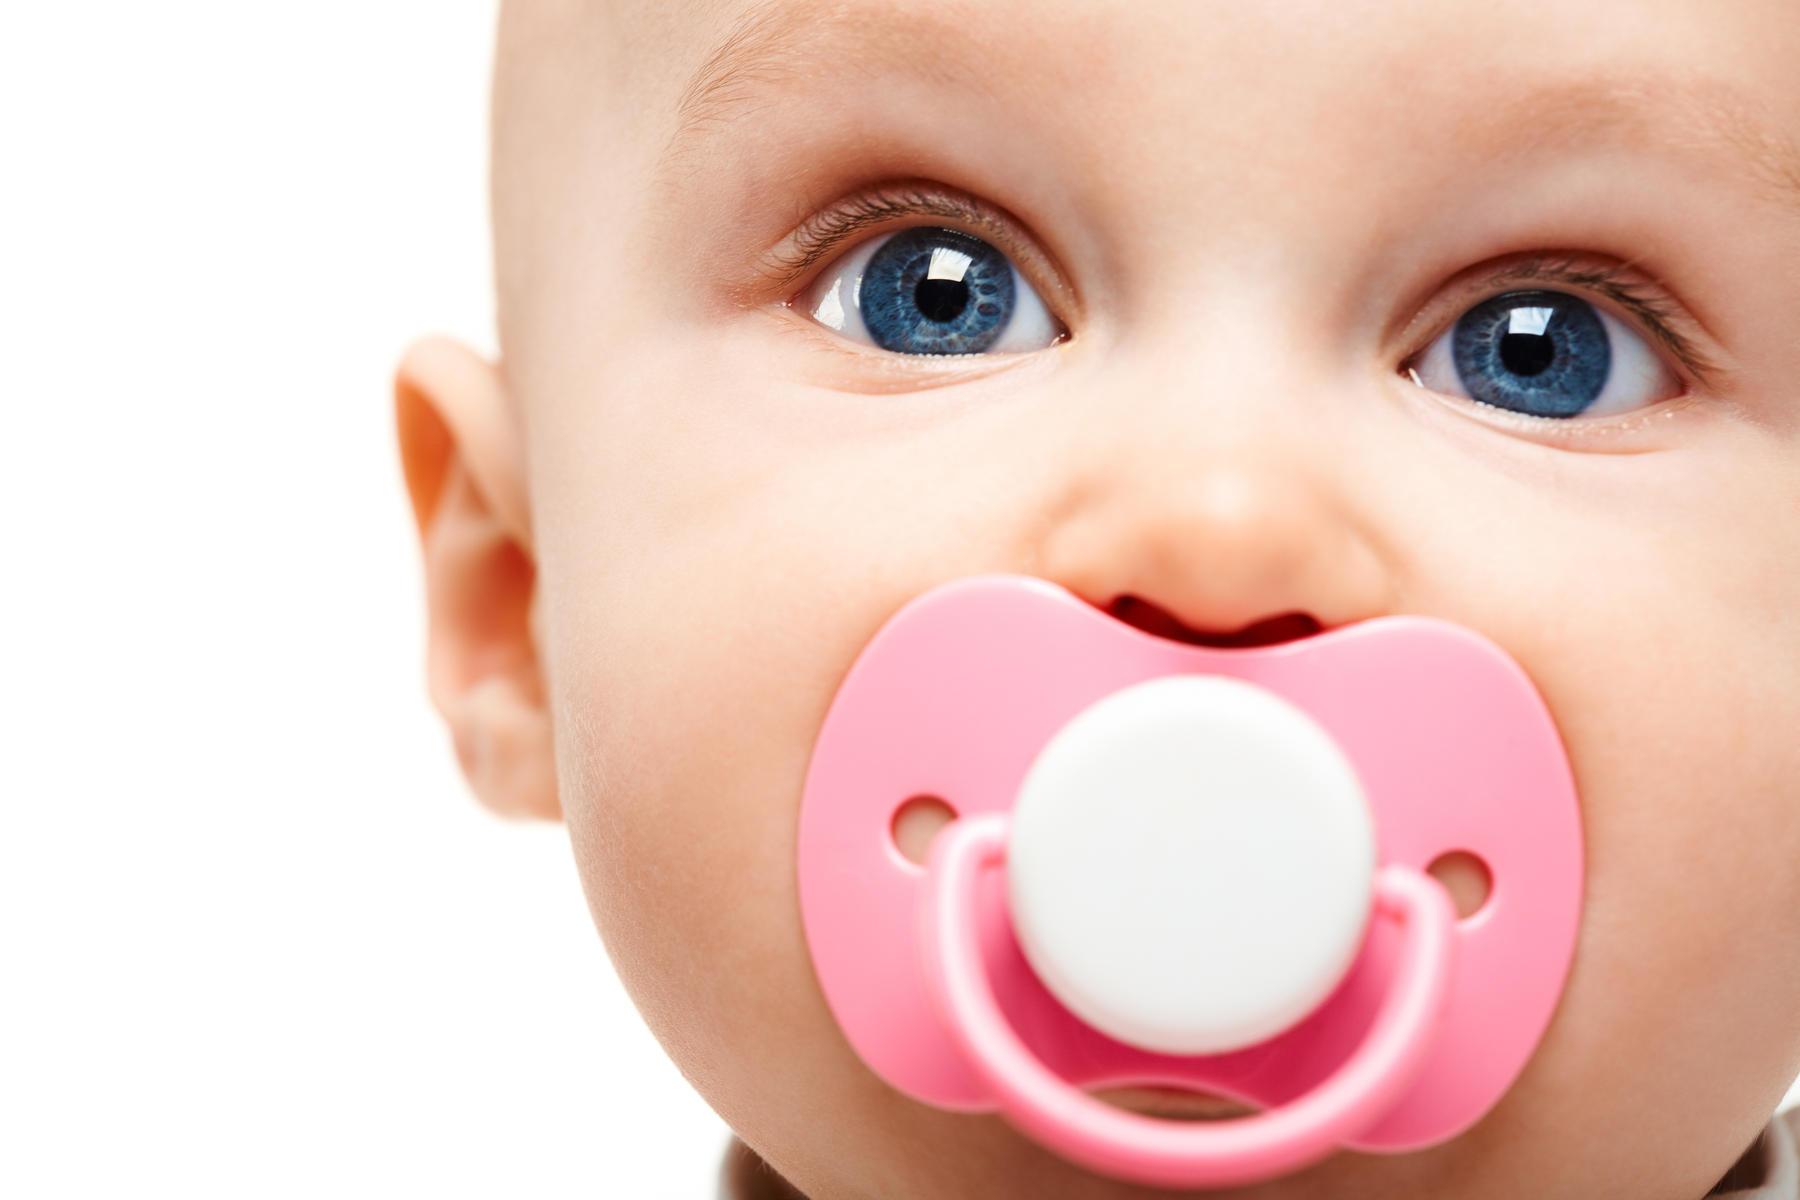 بالصور صور اطفال جميله , كيفيه تربيه الاطفال 5636 3